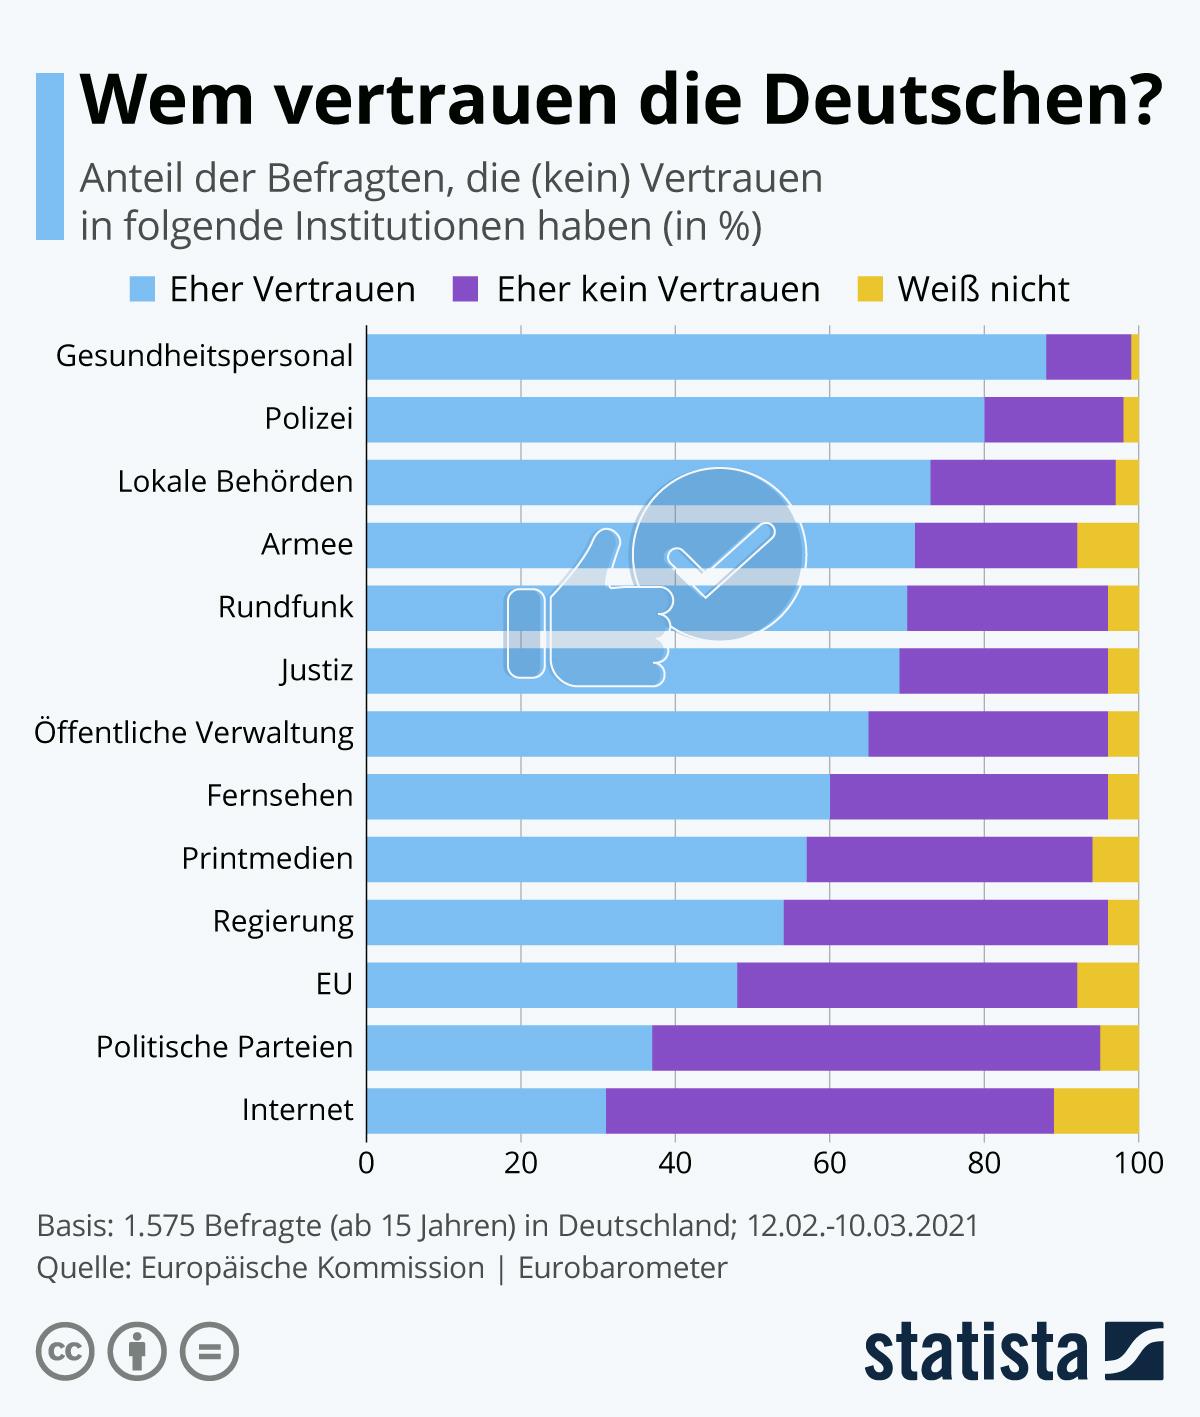 Infografik: Viel Vertrauen in die Polizei, wenig in Kirchen | Statista